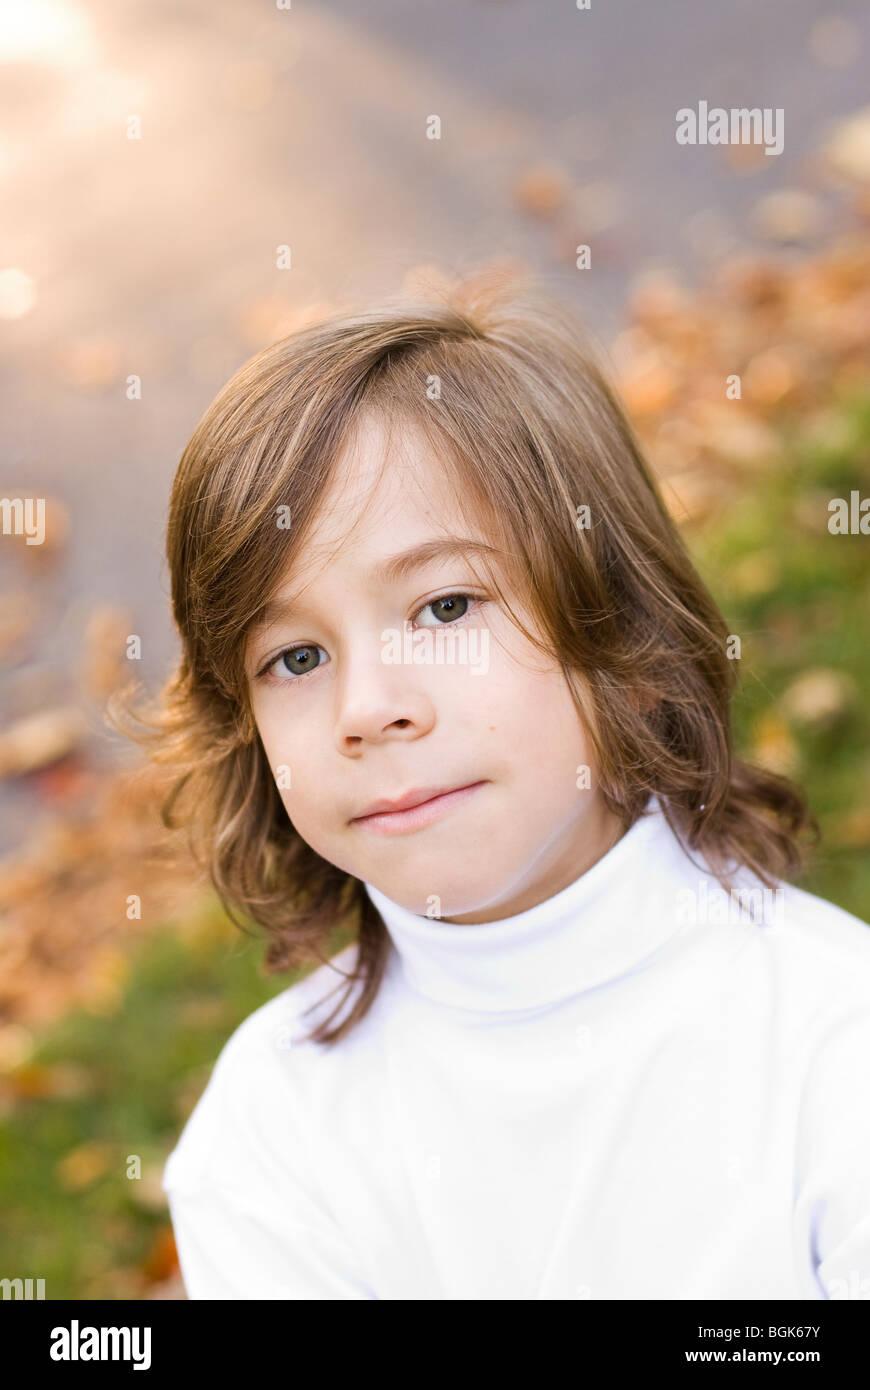 Tête et épaules photo de garçon Photo Stock